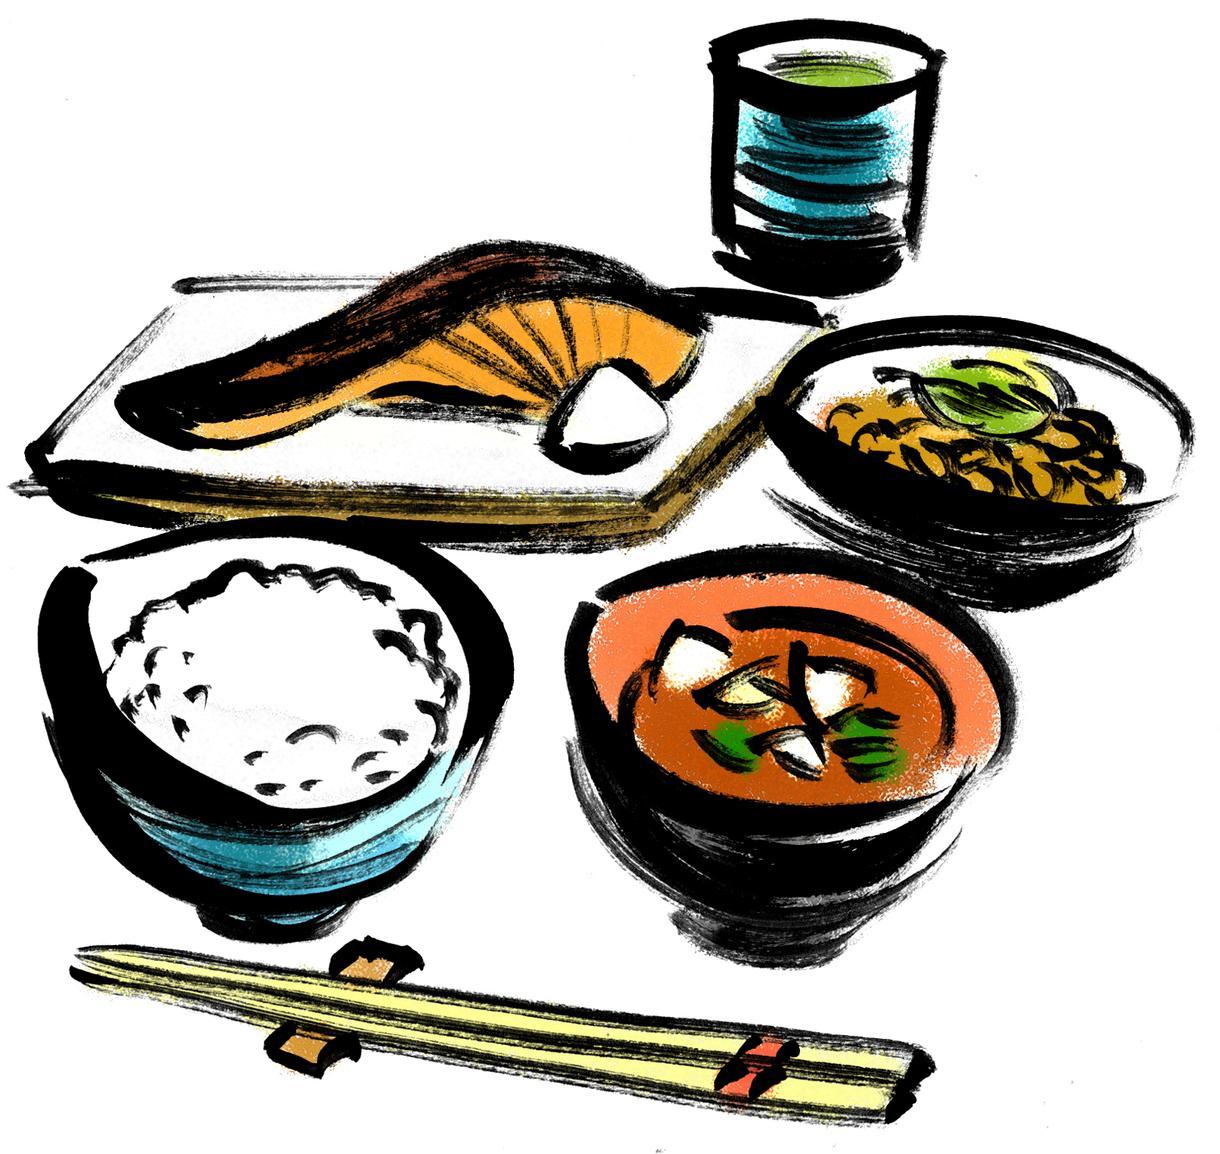 食品・食材・メニューイラストを描きます 50店舗さま以上に販売実績があります!まとめお値引きあり